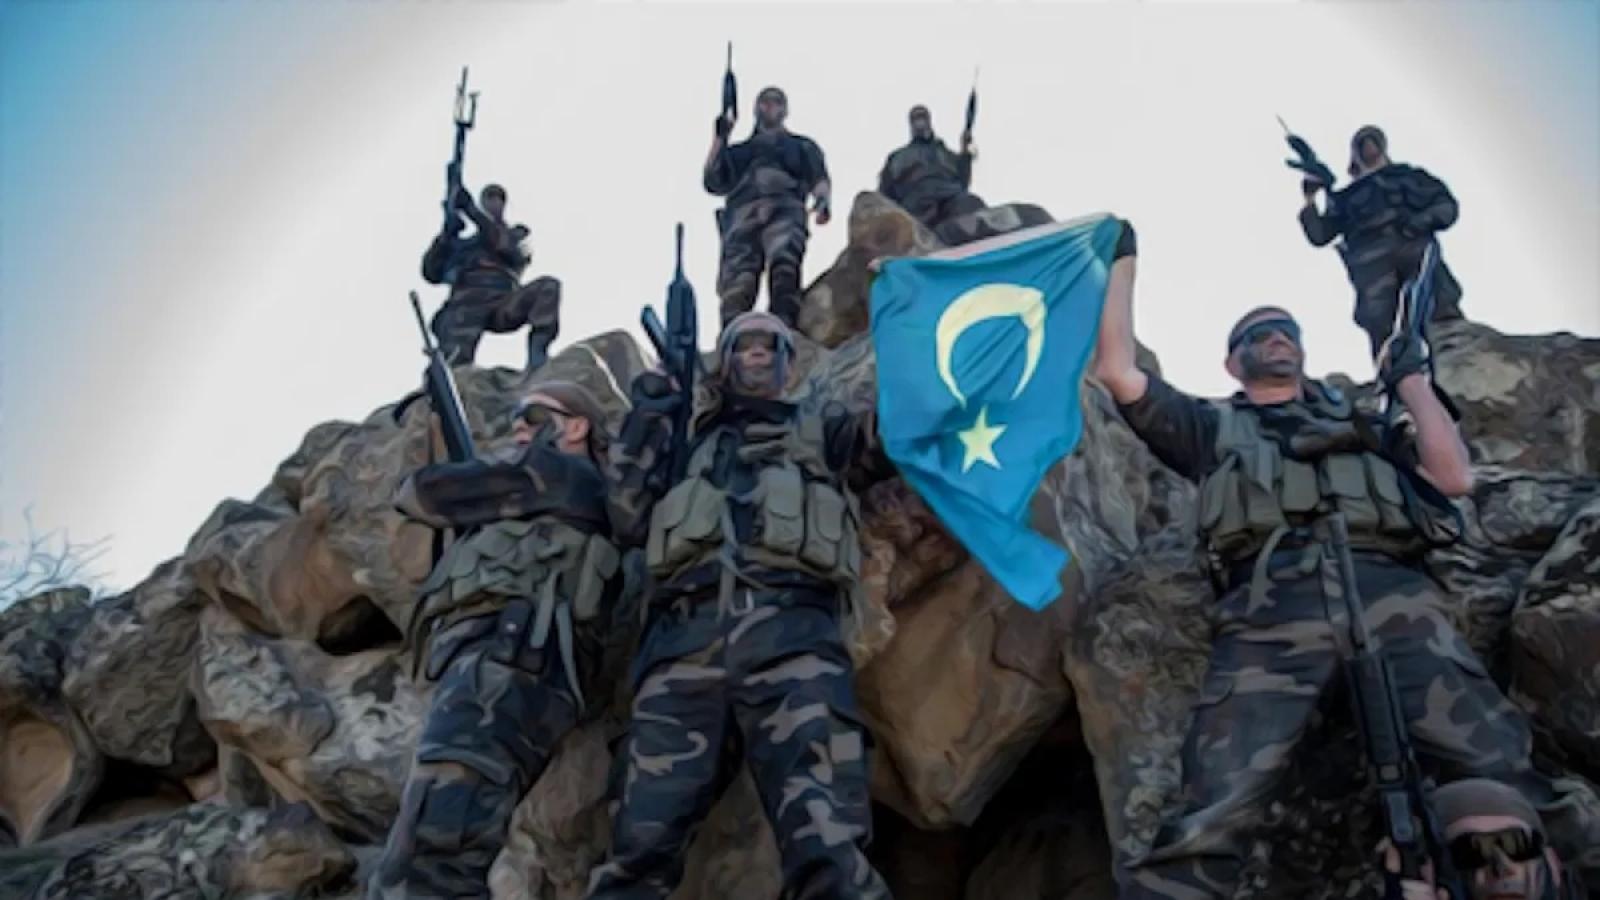 Phong trào Hồi giáo ly khai khiến Trung Quốc lo sợ Mỹ rút quân khỏi Afghanistan